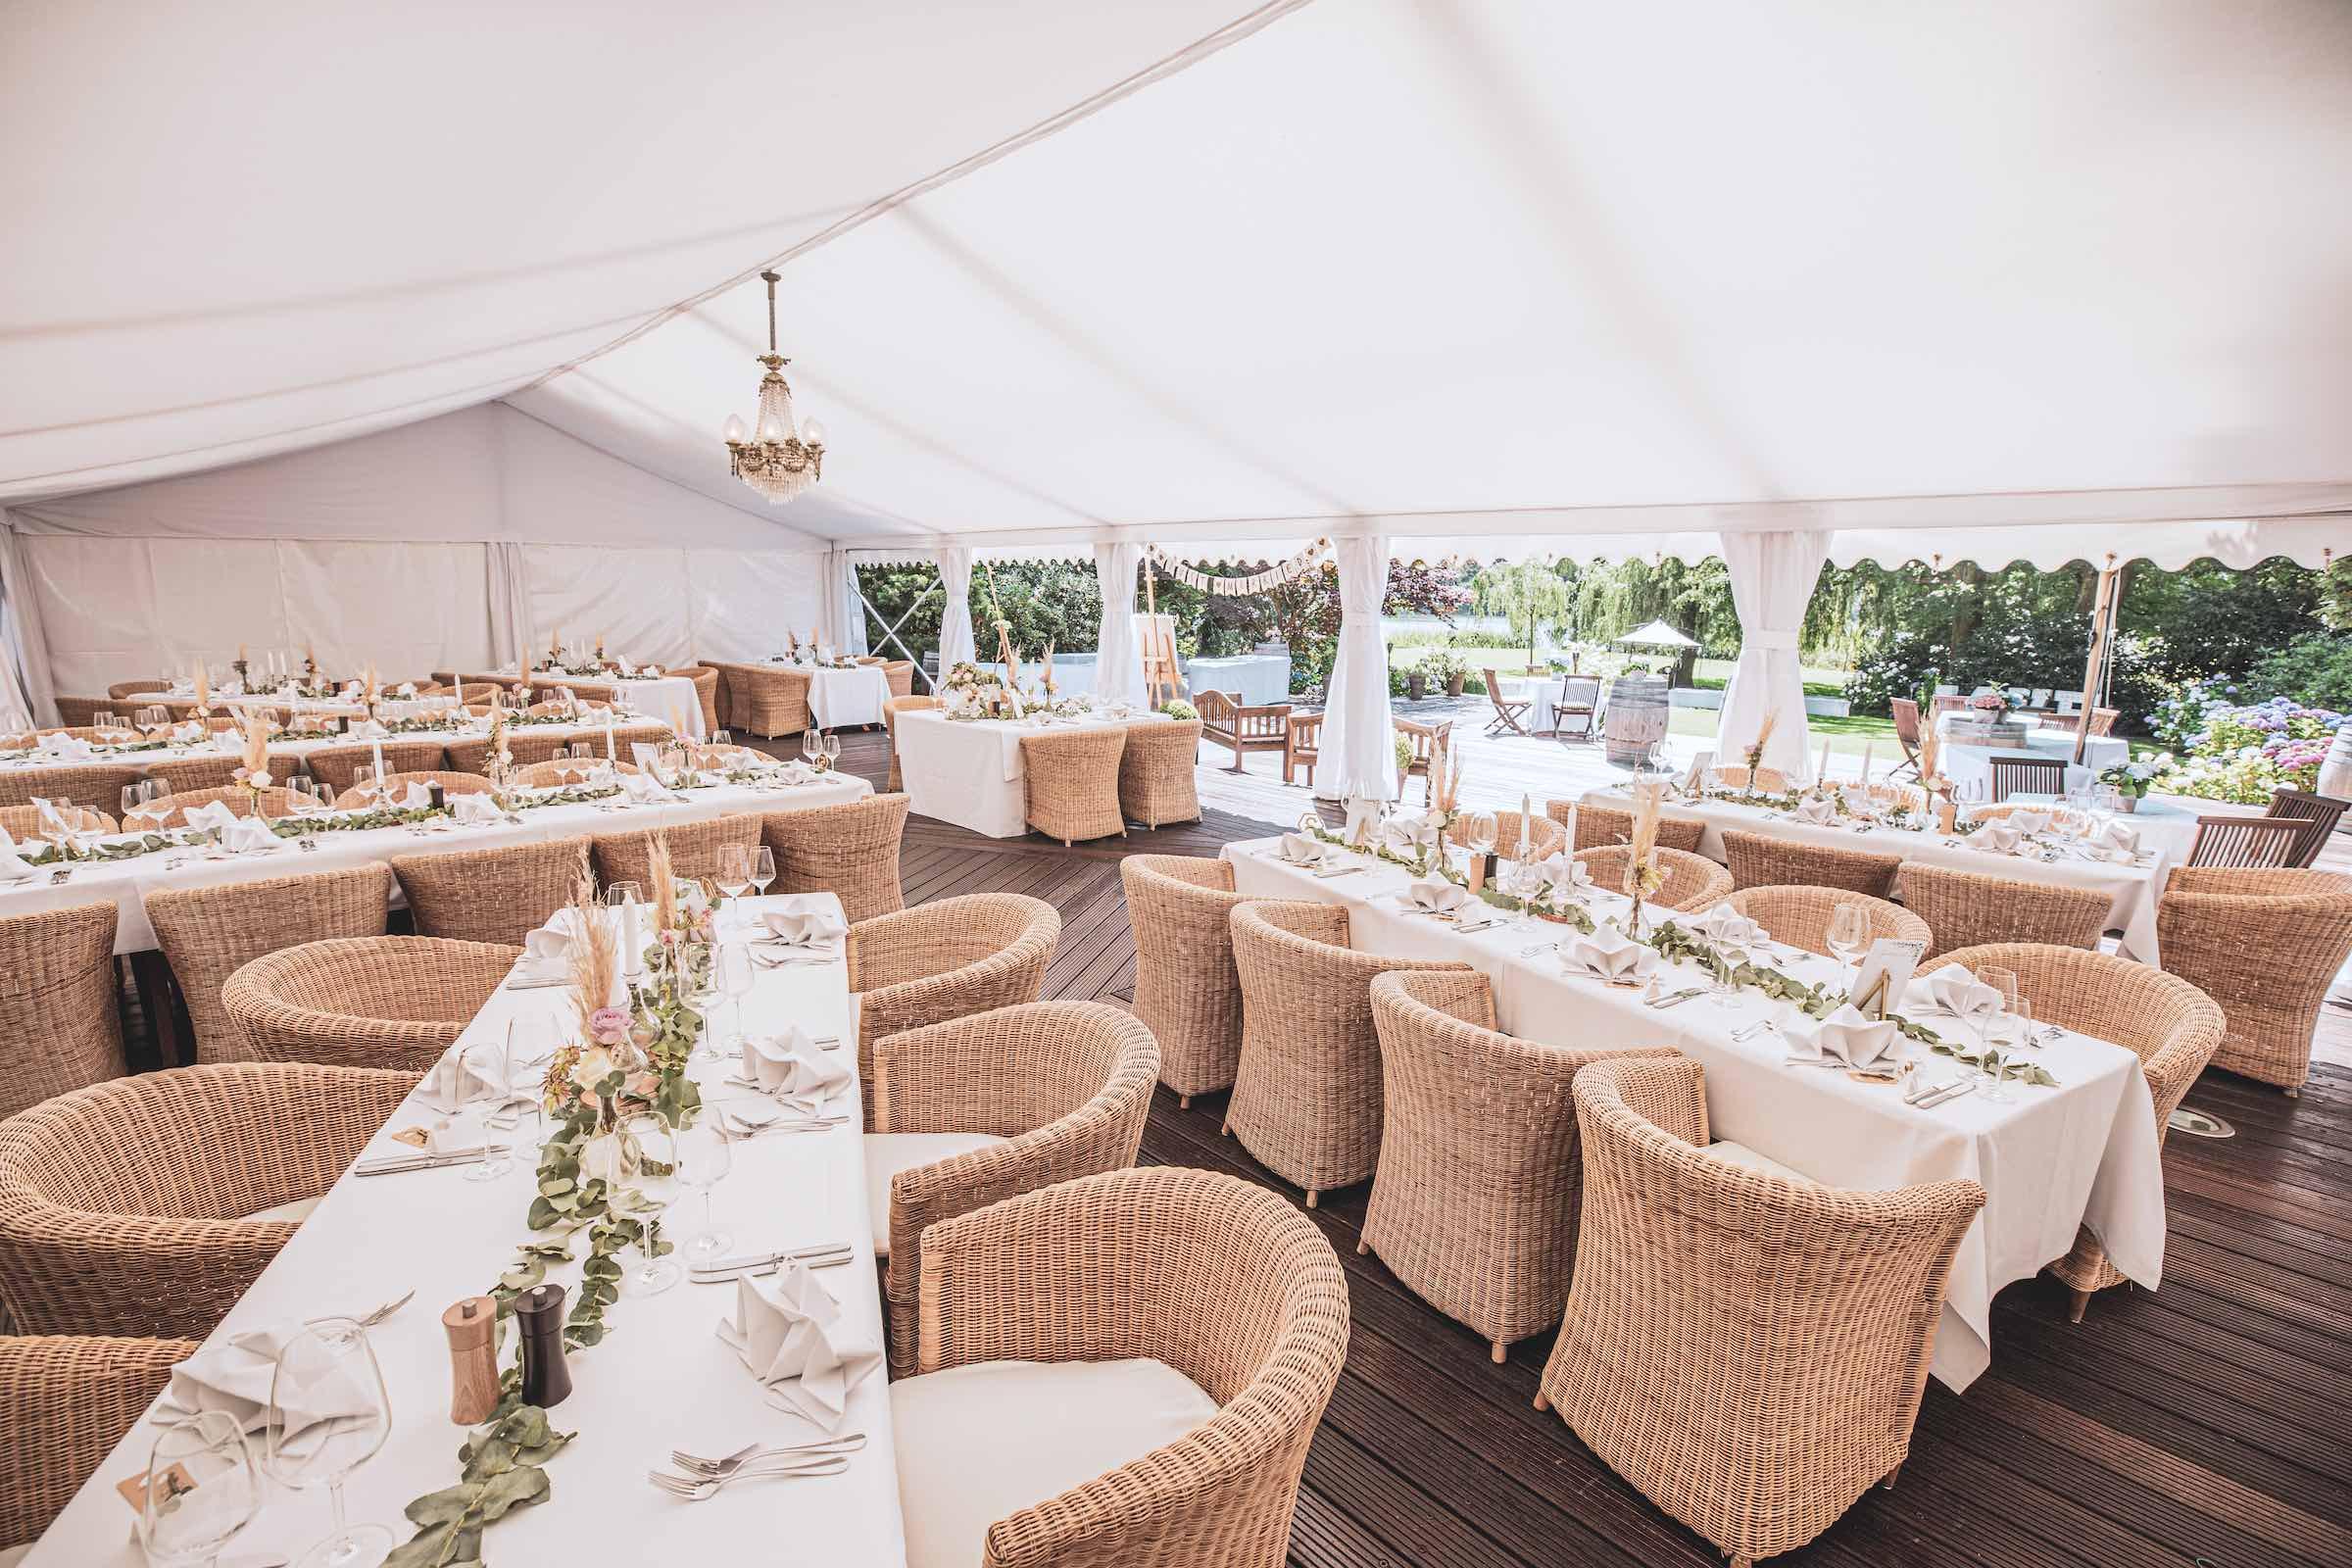 Landhaus | am | See | Hannover | Restaurant | Dekoration | Floristik | Eventaustattung | Tischdekoration | Hochzeitsplaner | DJ | Fotobox | Hannover | Lehmann | Eventservice